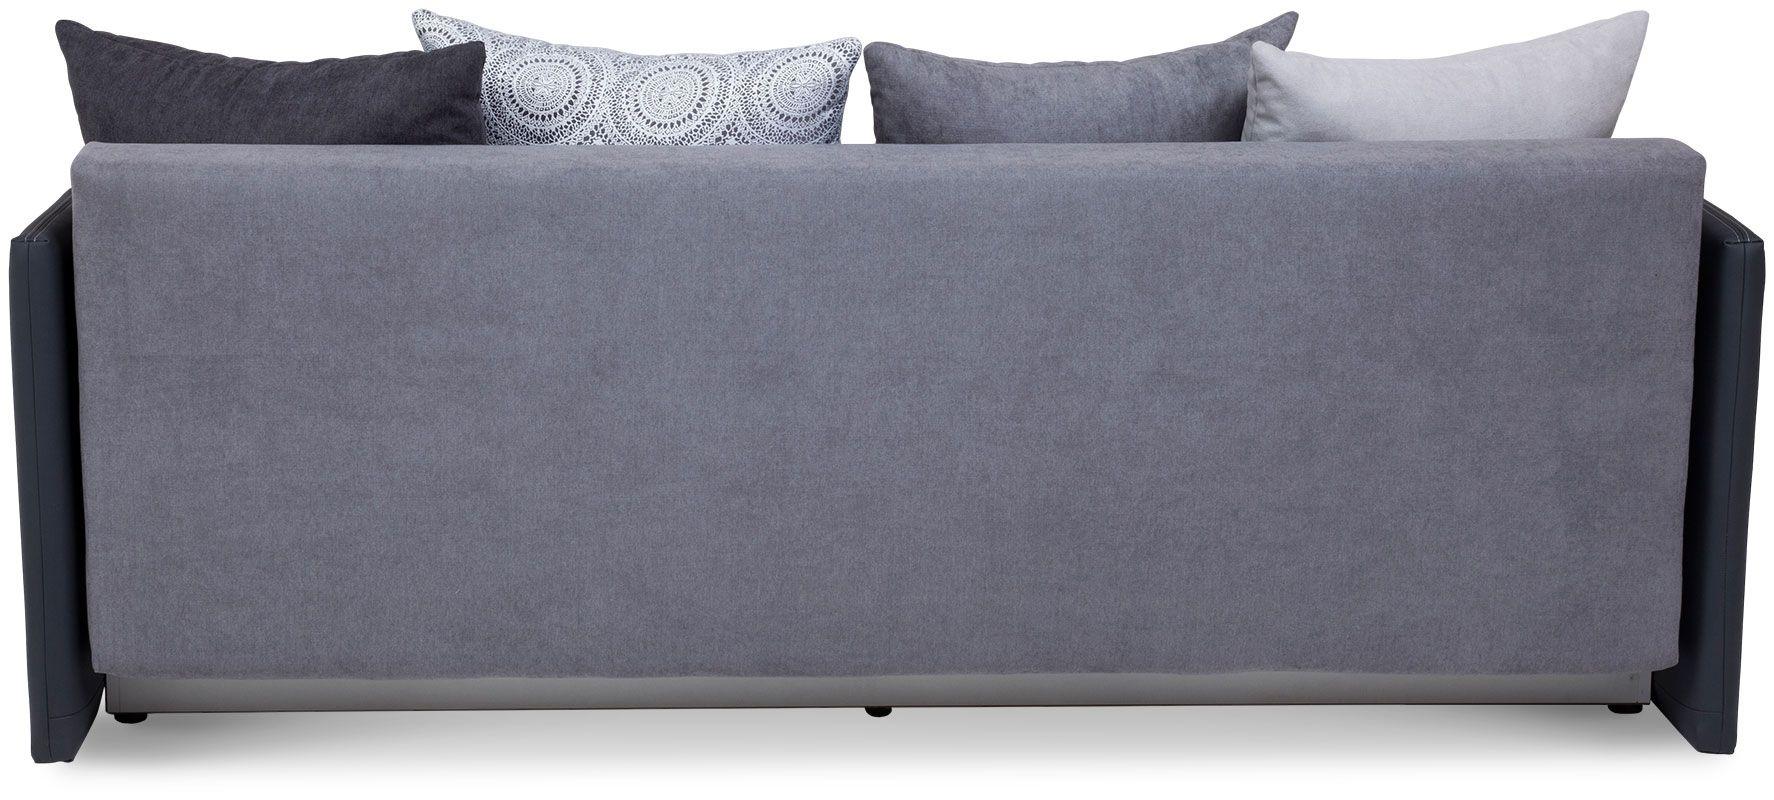 sofa santana 7